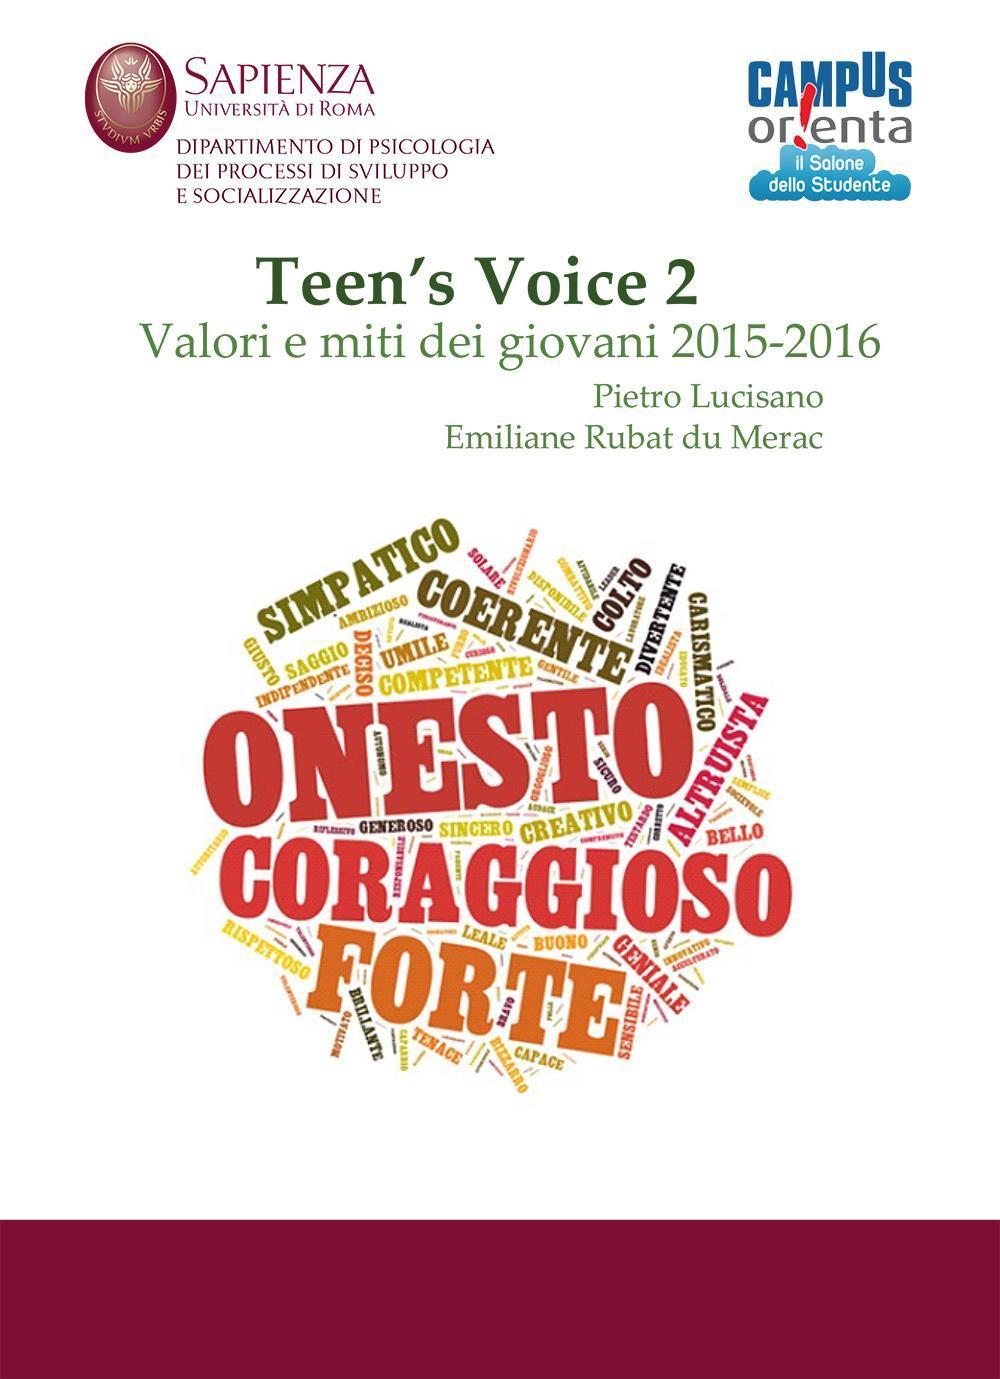 """""""Teen's Voice: miti e valori dei giovani tra scuola, società e lavoro"""" di Pietro Lucisano e Emiliane Rubat du Mérac"""